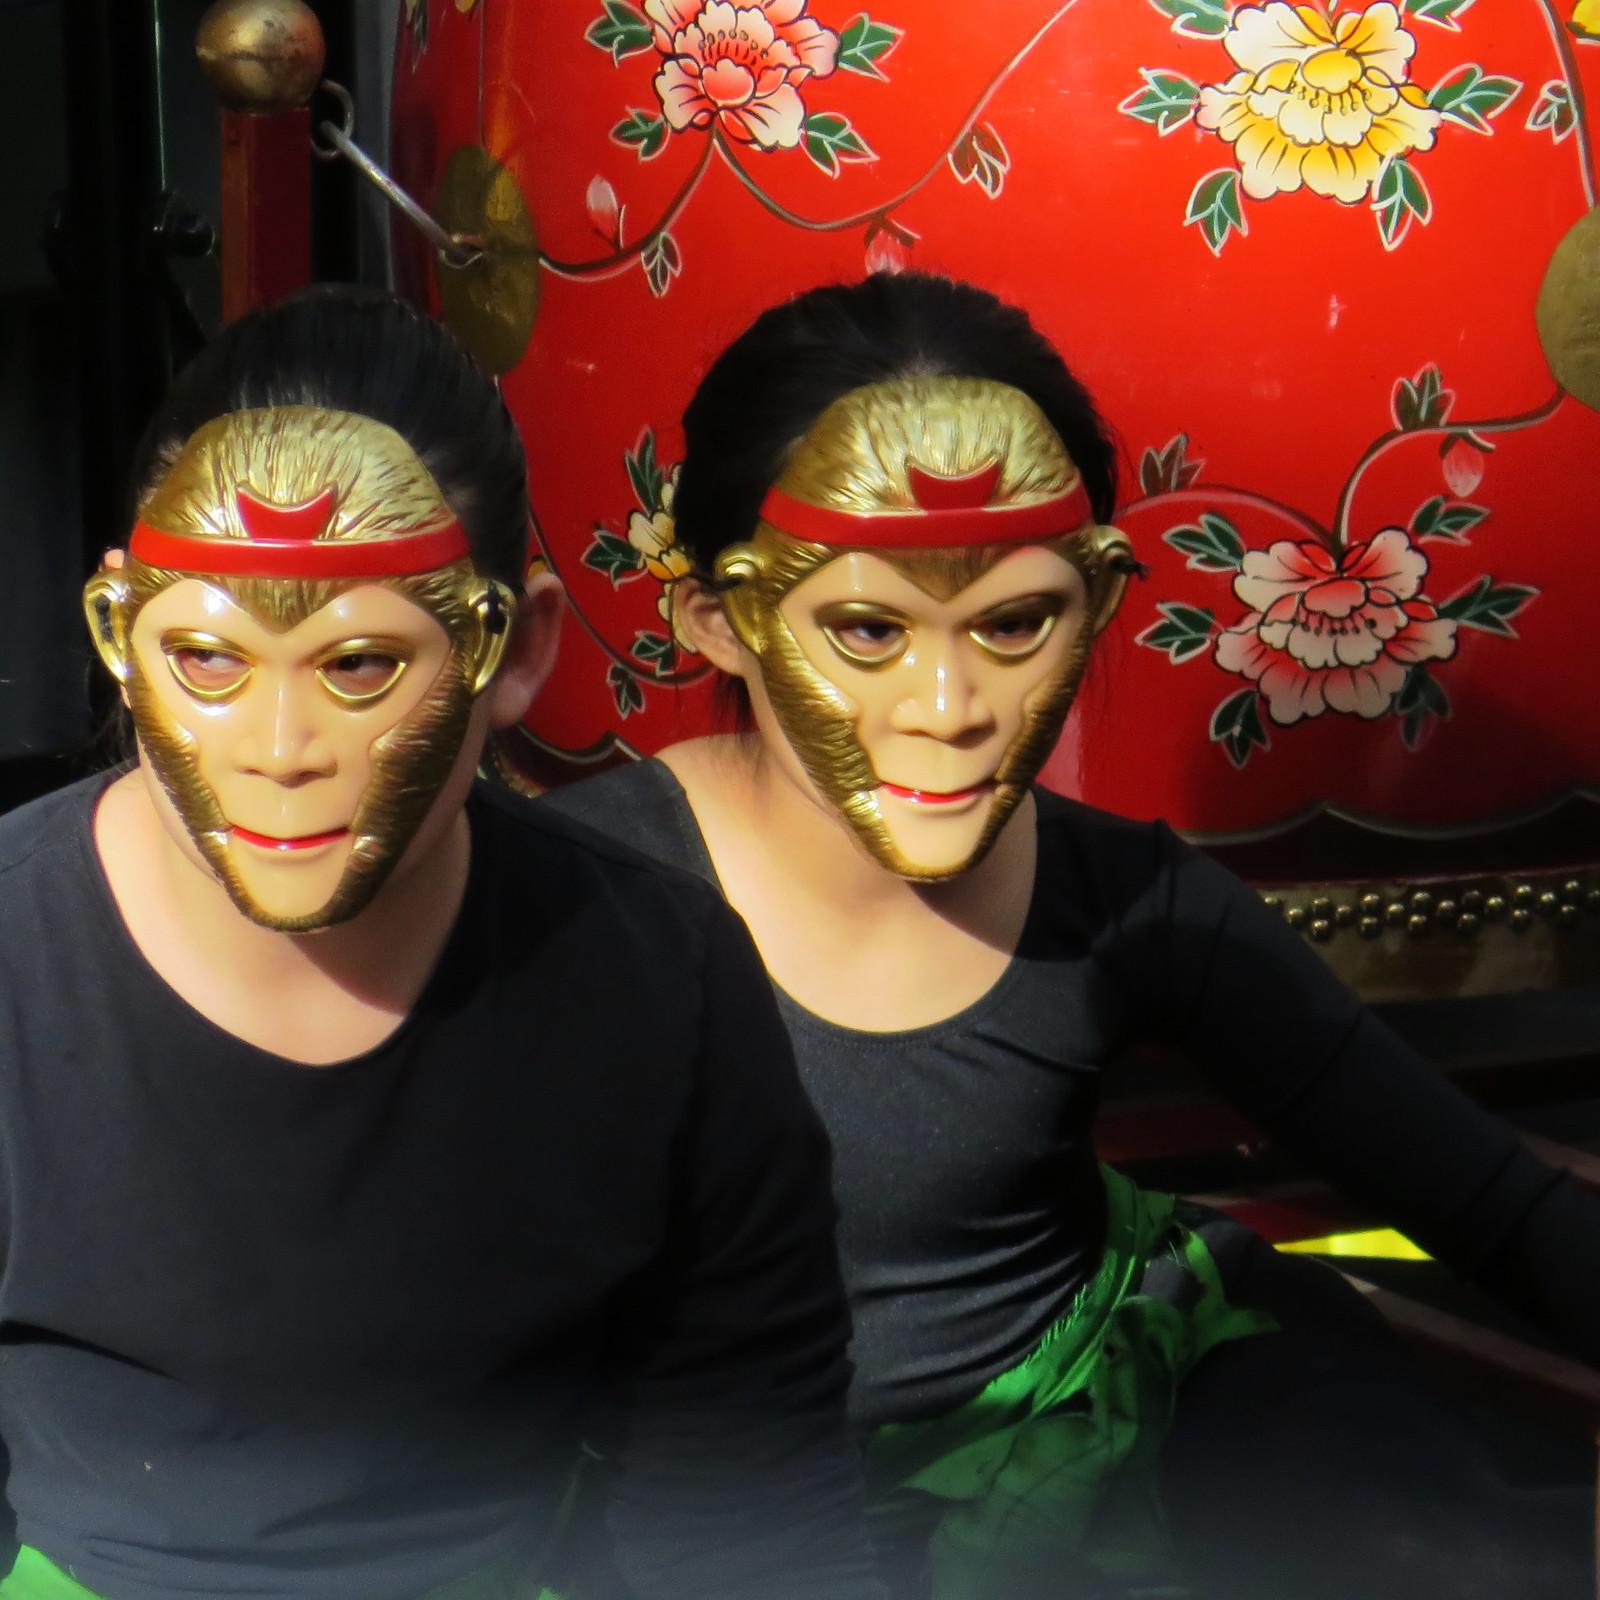 Golden Monkey Celebration, New York